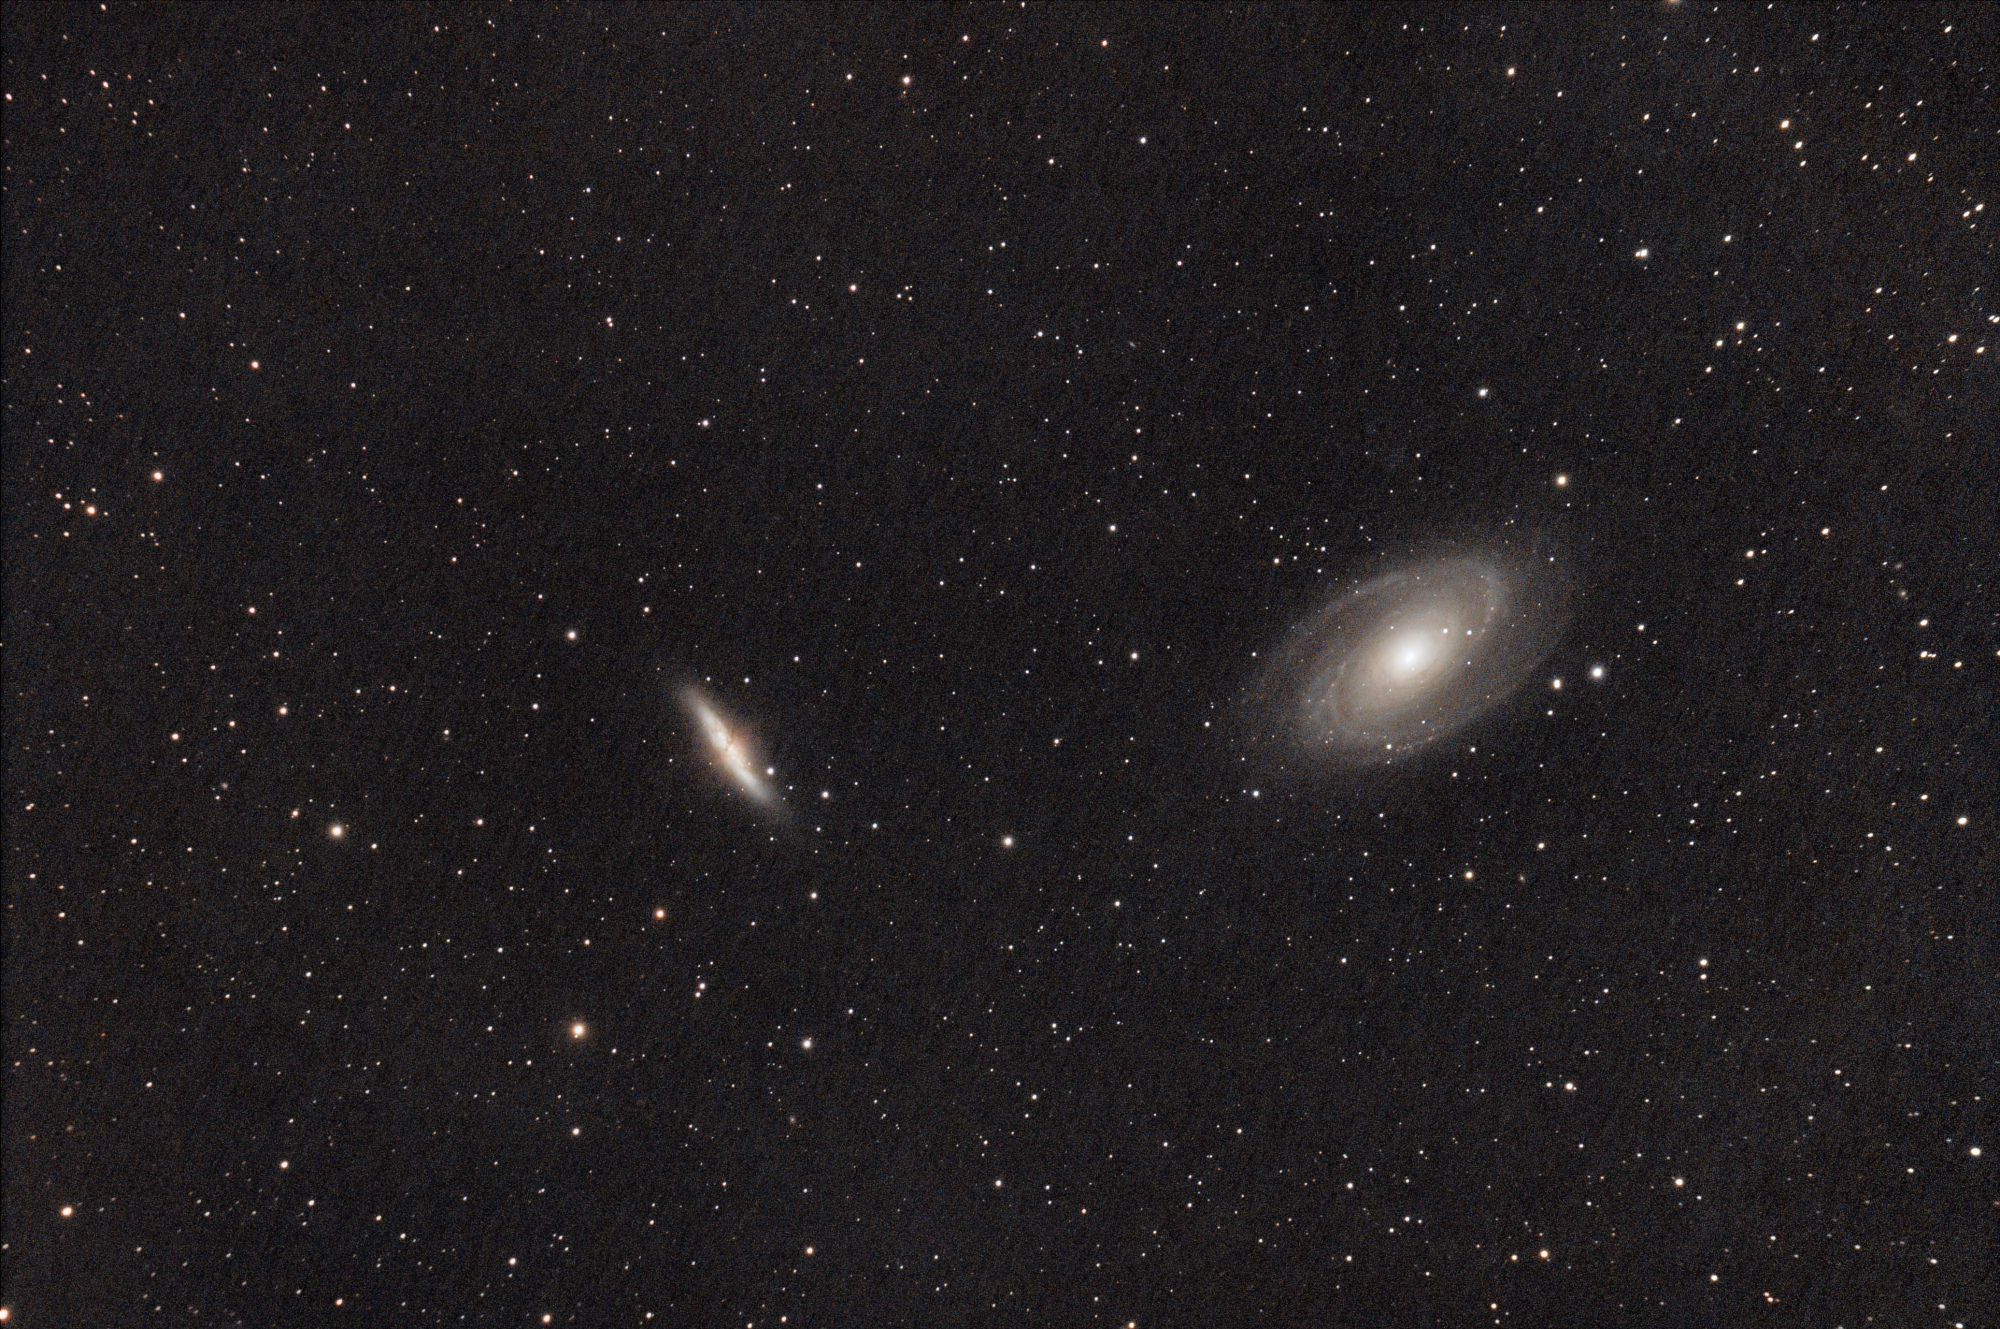 M81-NGC3031-de Bode-2020-04-09-Photo0726_a.jpg